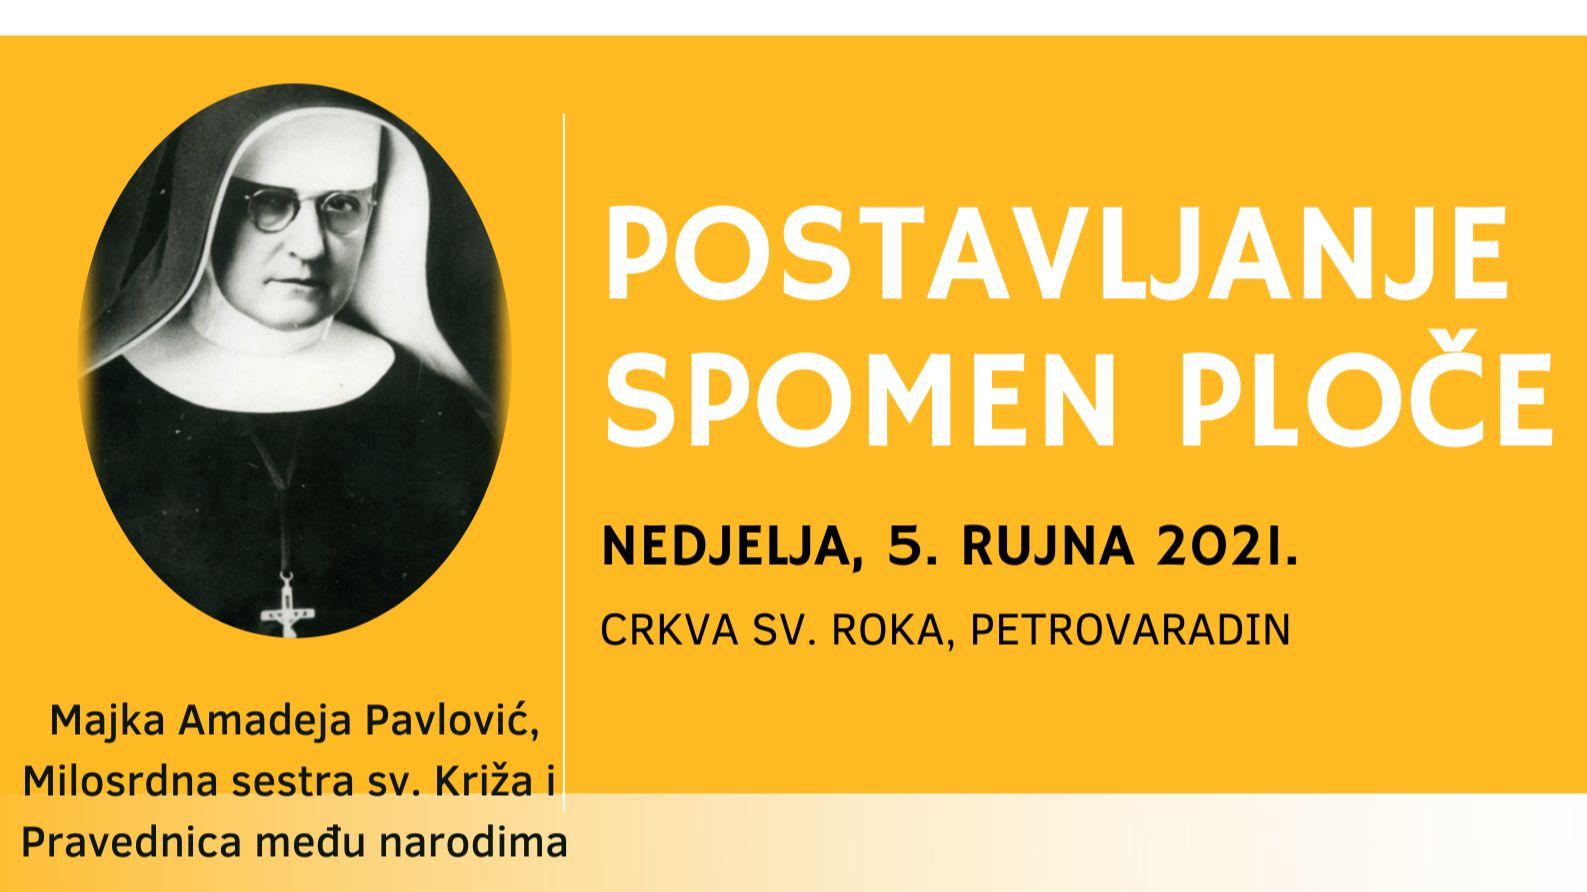 Trenutno pregledavate Otkrivanje spomen ploče u čast s. M. Amadeje Pavlović – najava